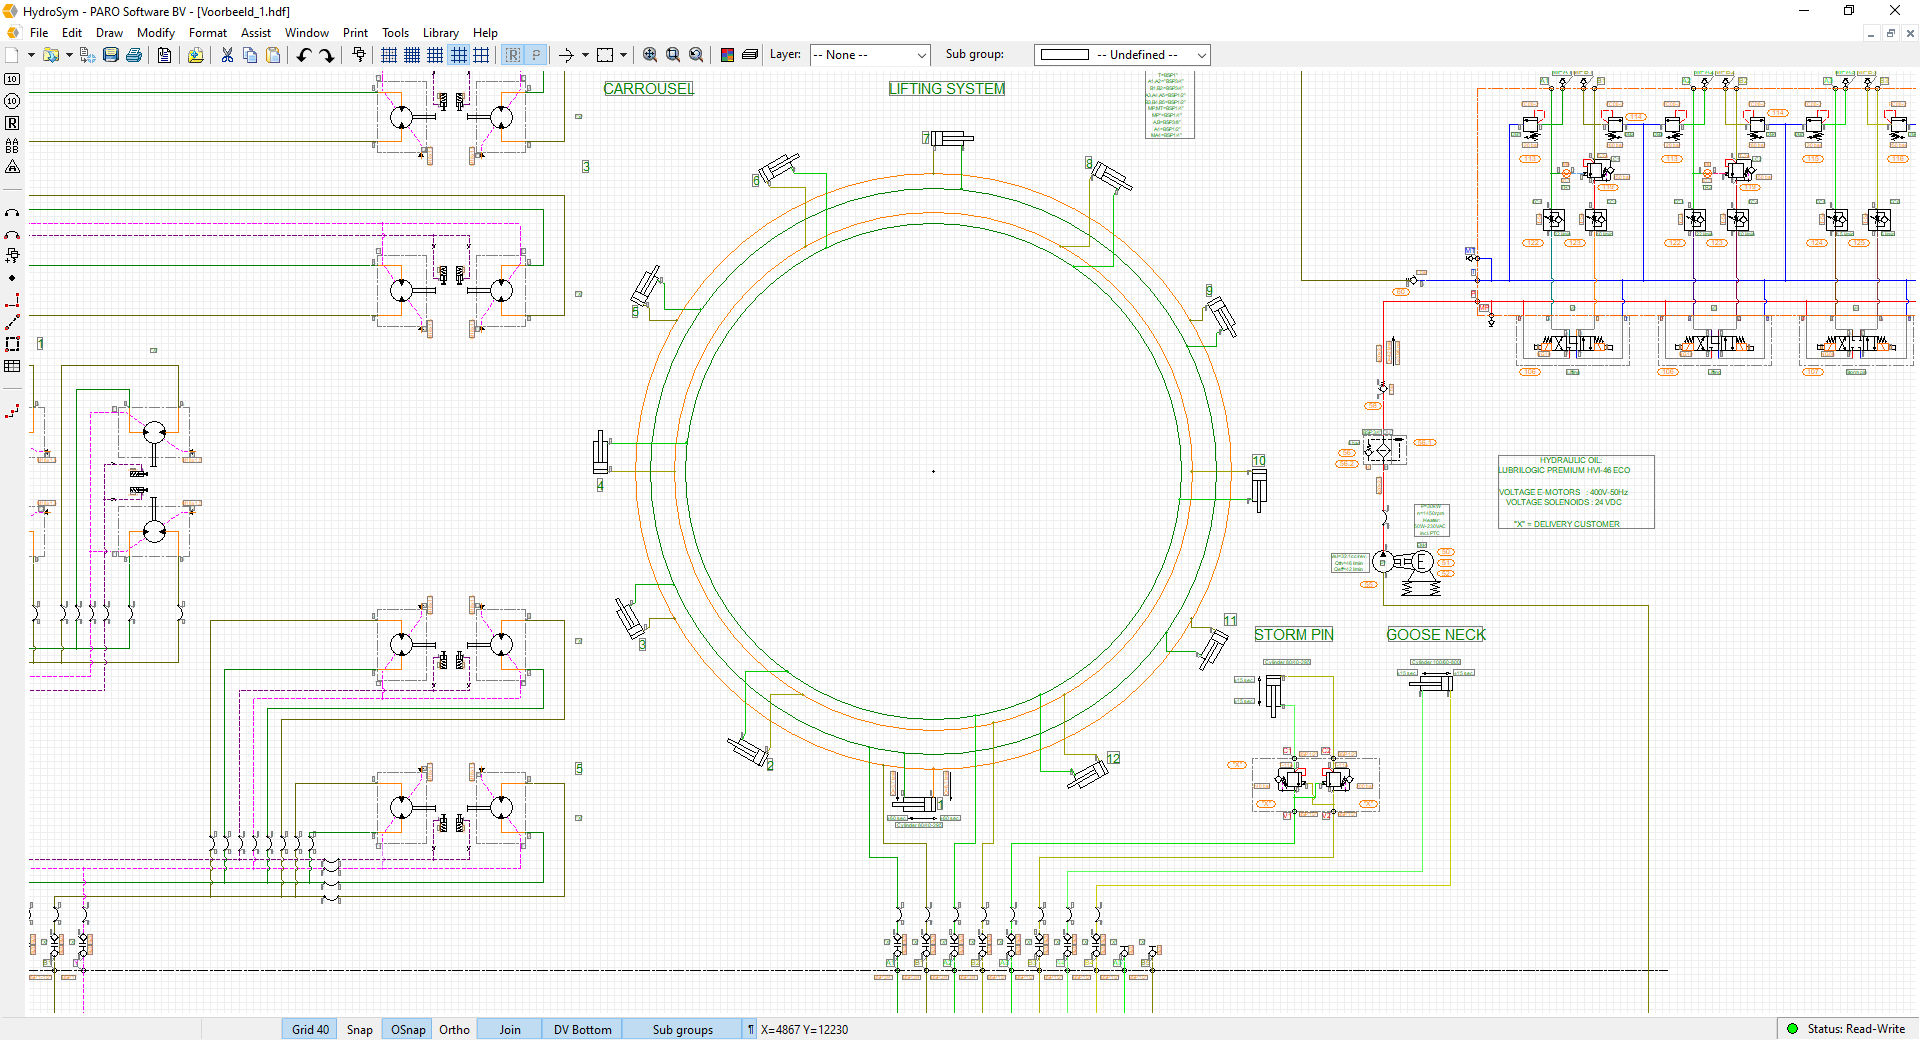 Hydrosym Paro Software